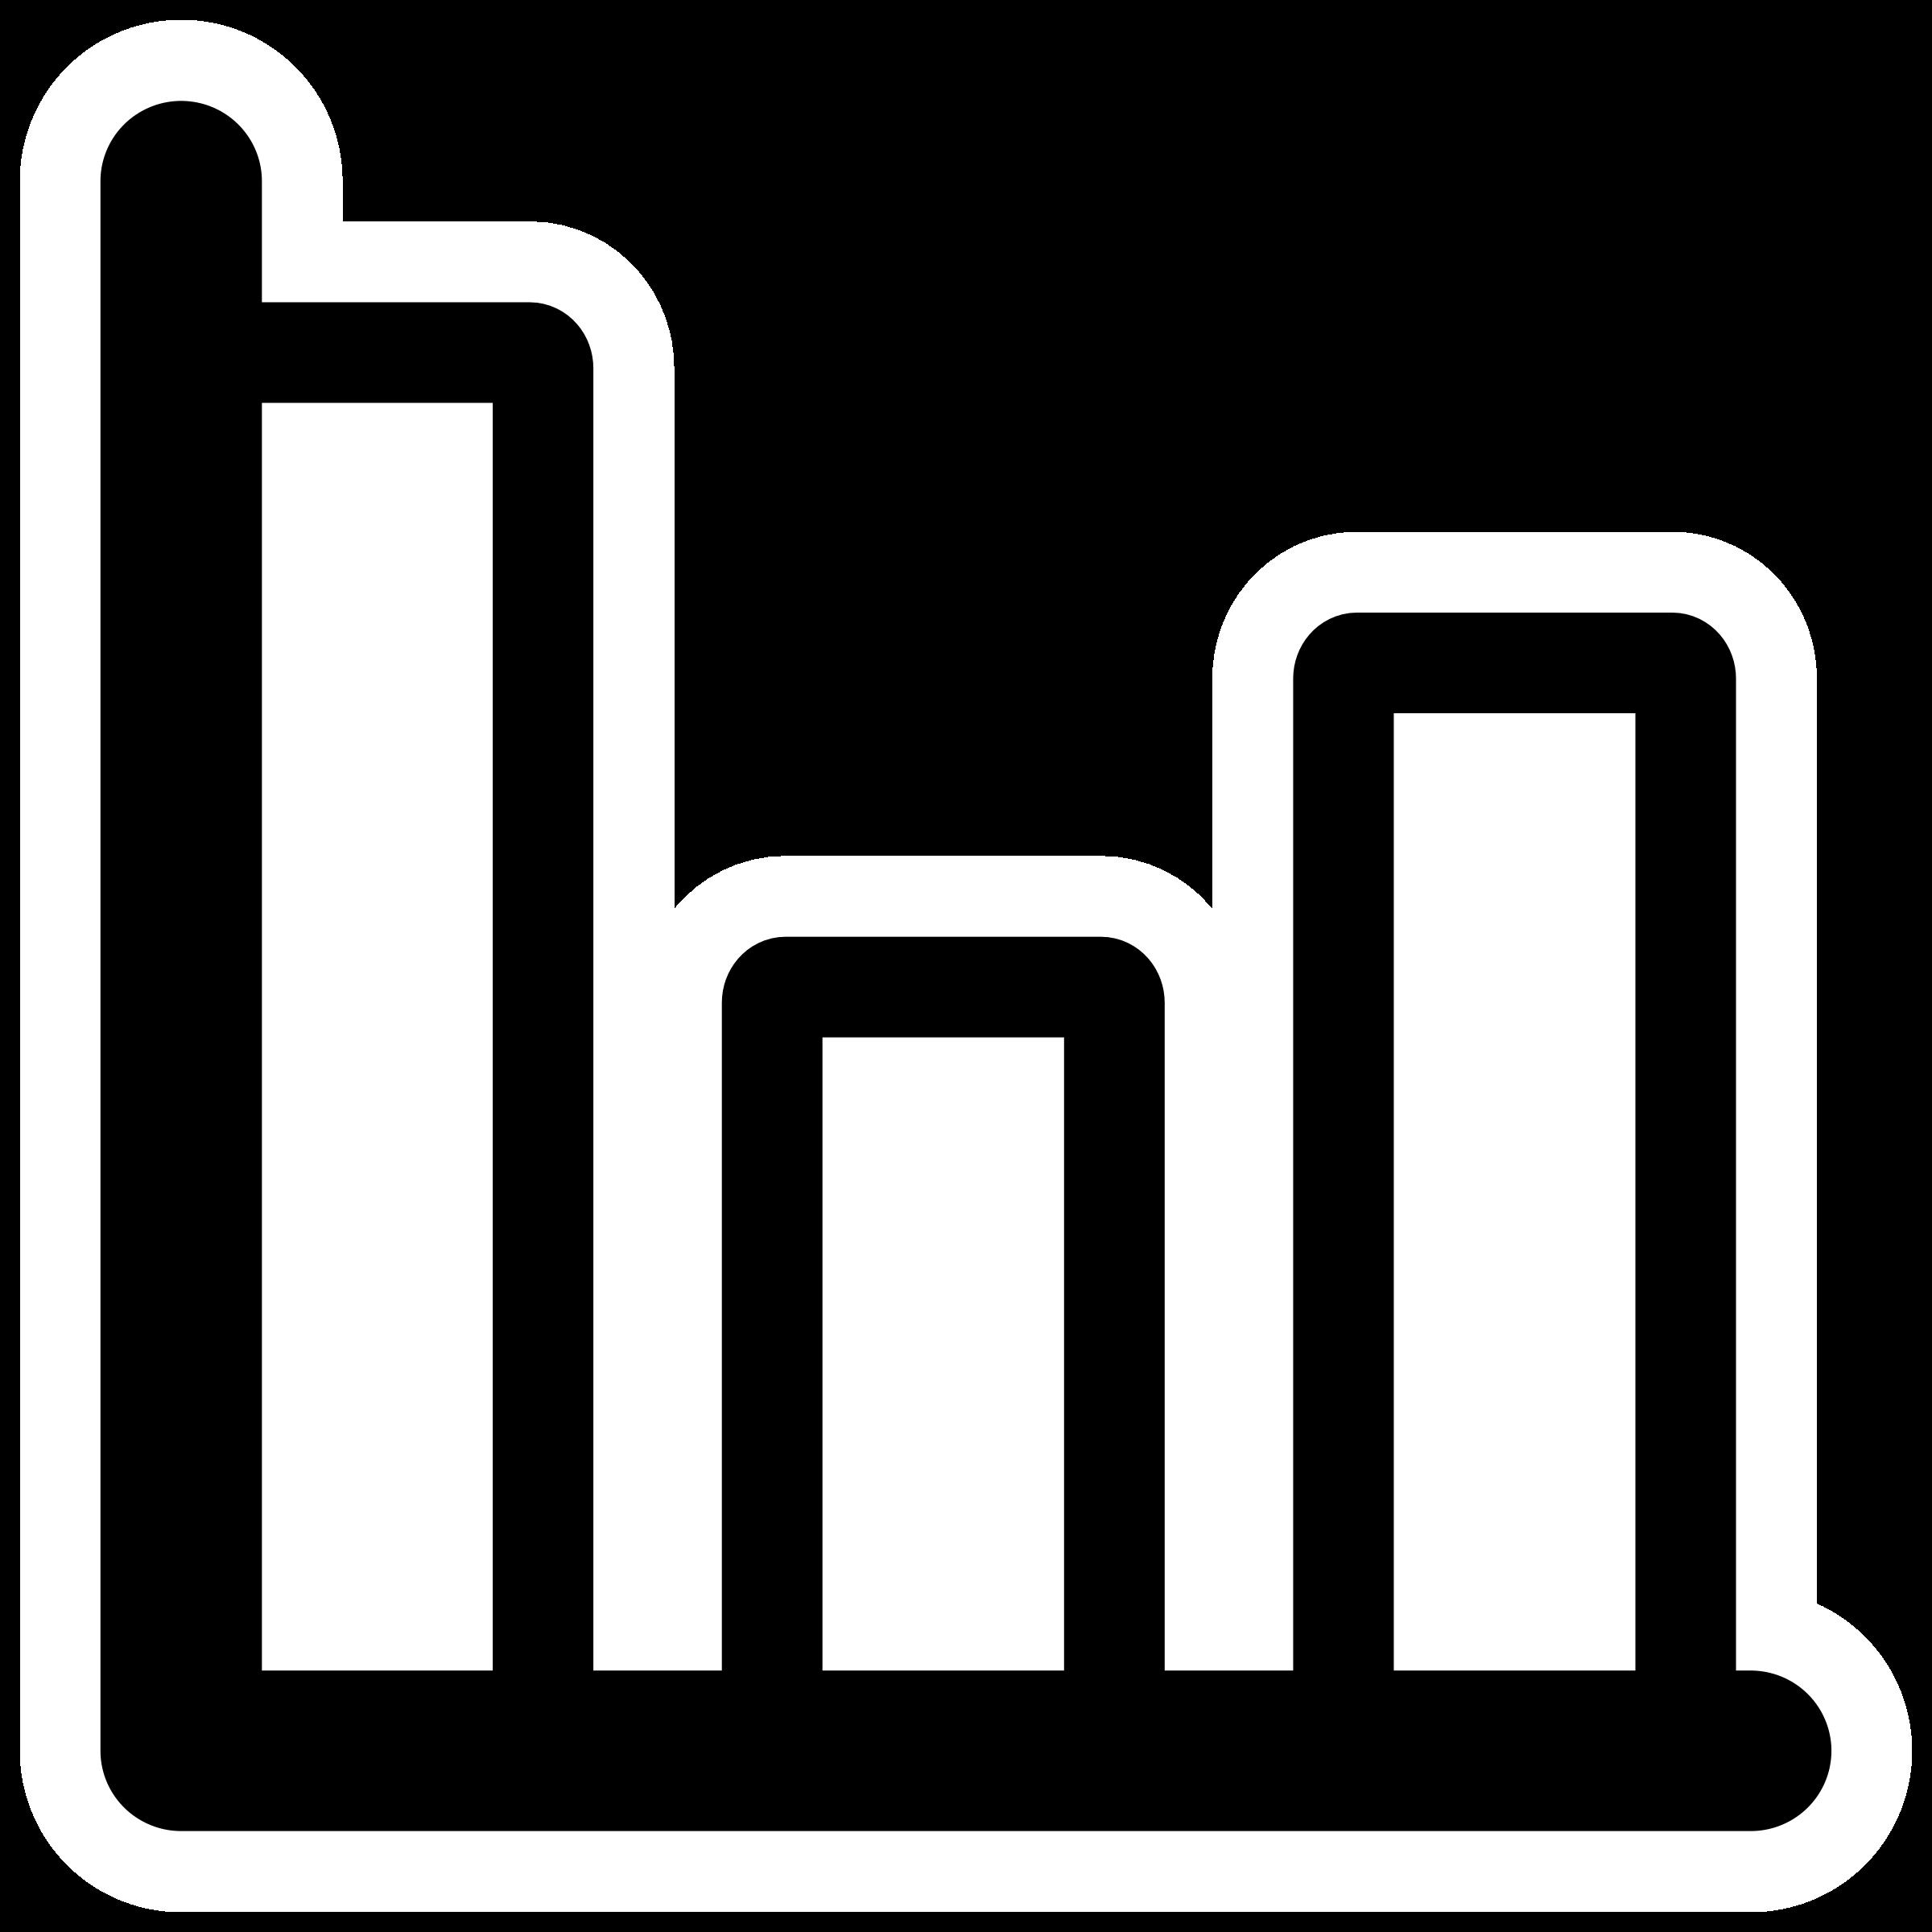 Statistics clipart. Mono big image png